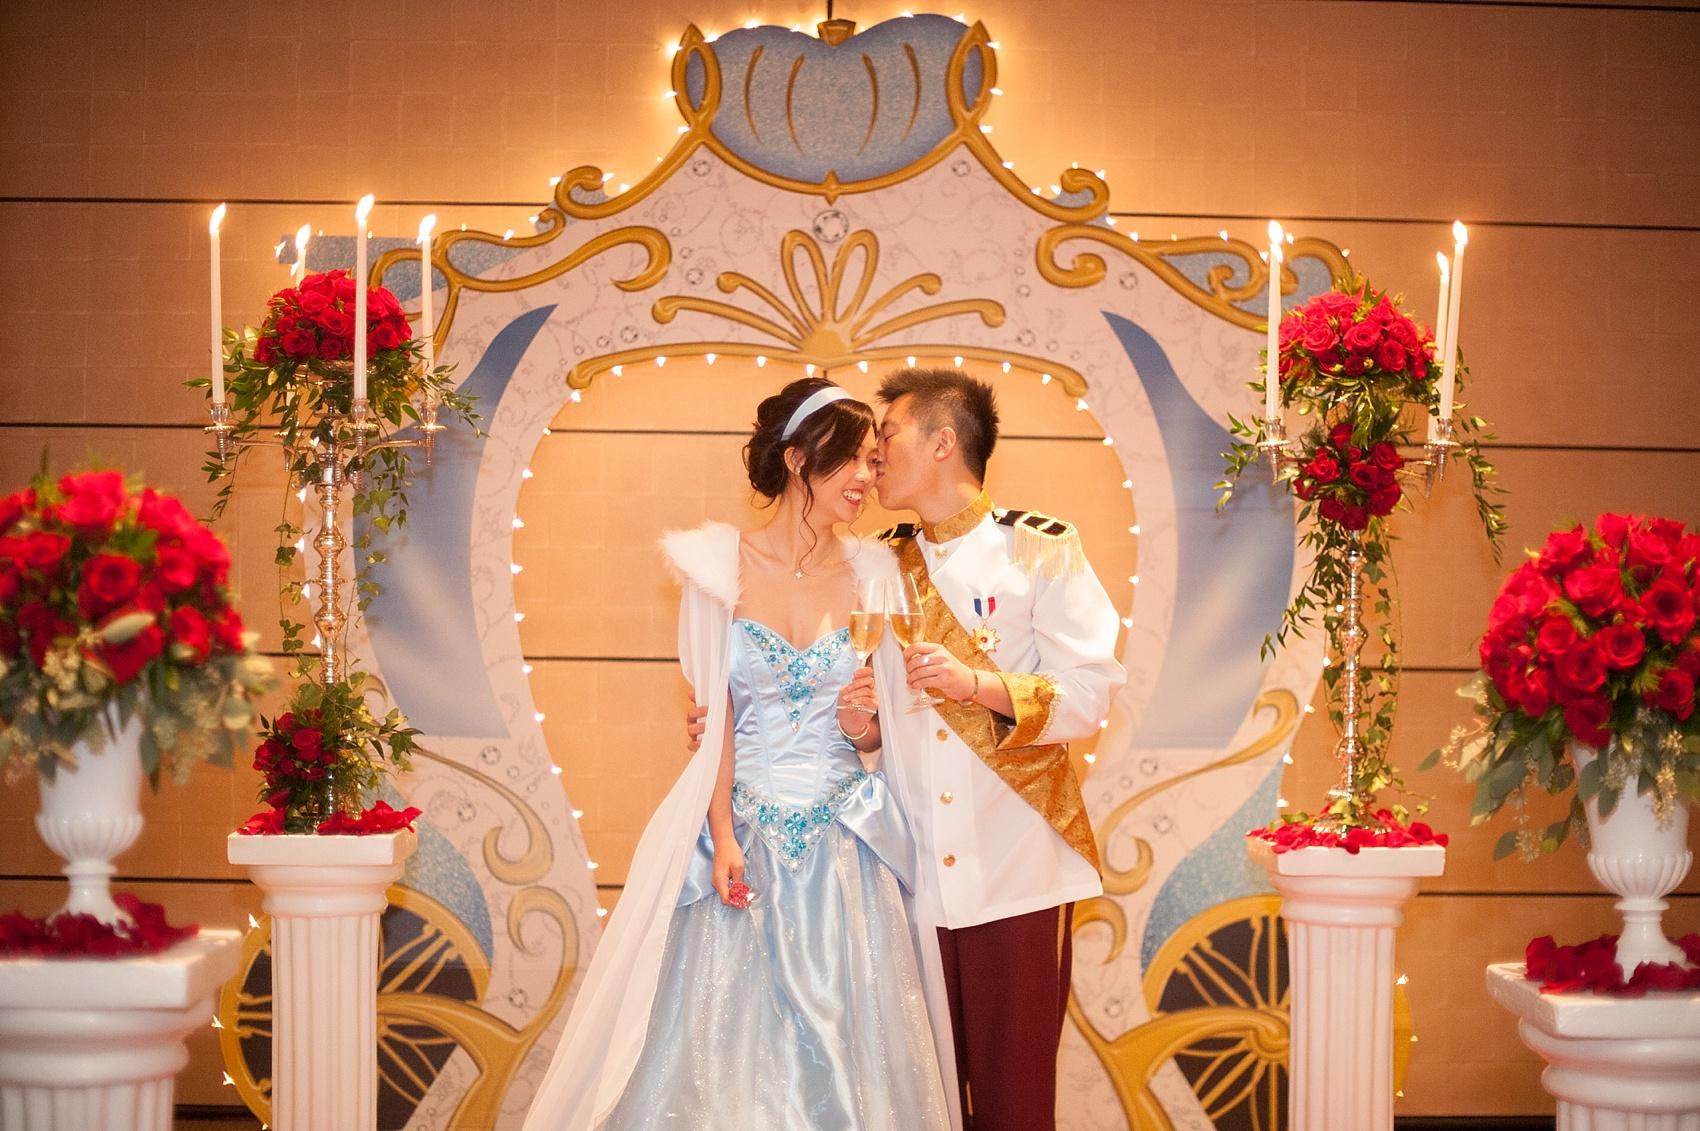 Cinderella Proposal Ideas • Disney Proposal Photos In NYC